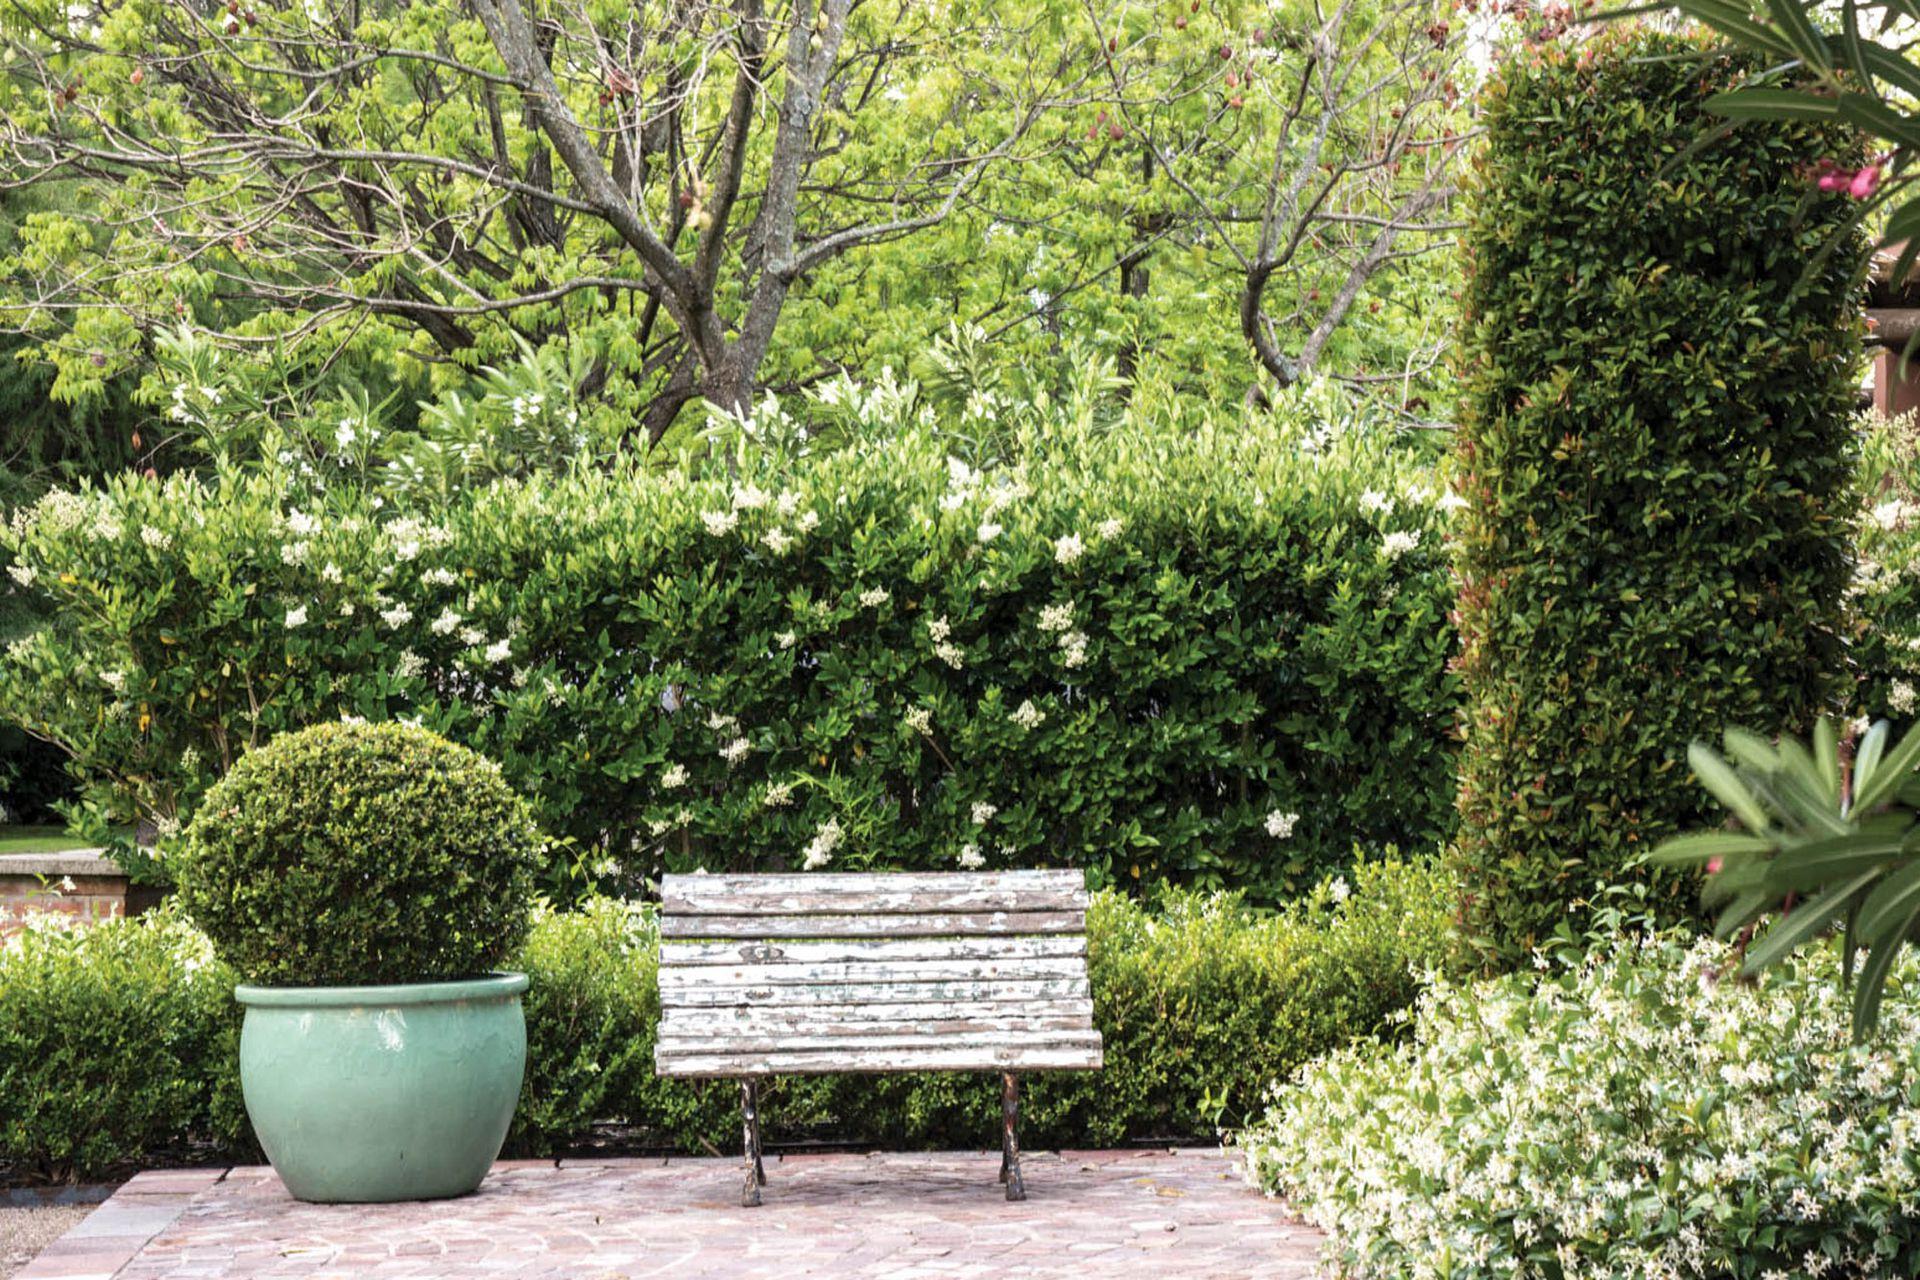 En el patio se plantaron, entre otras, olea texana, Buxus sempervirens, jazmín de leche (Trachelospermum jasminoides), y Syzygium paniculatum. Con estas especies de similar textura, algunas con flores blancas y perfumadas, se trabajaron las formas y los volúmenes. Paisajismo: Maggie Cavanagh.